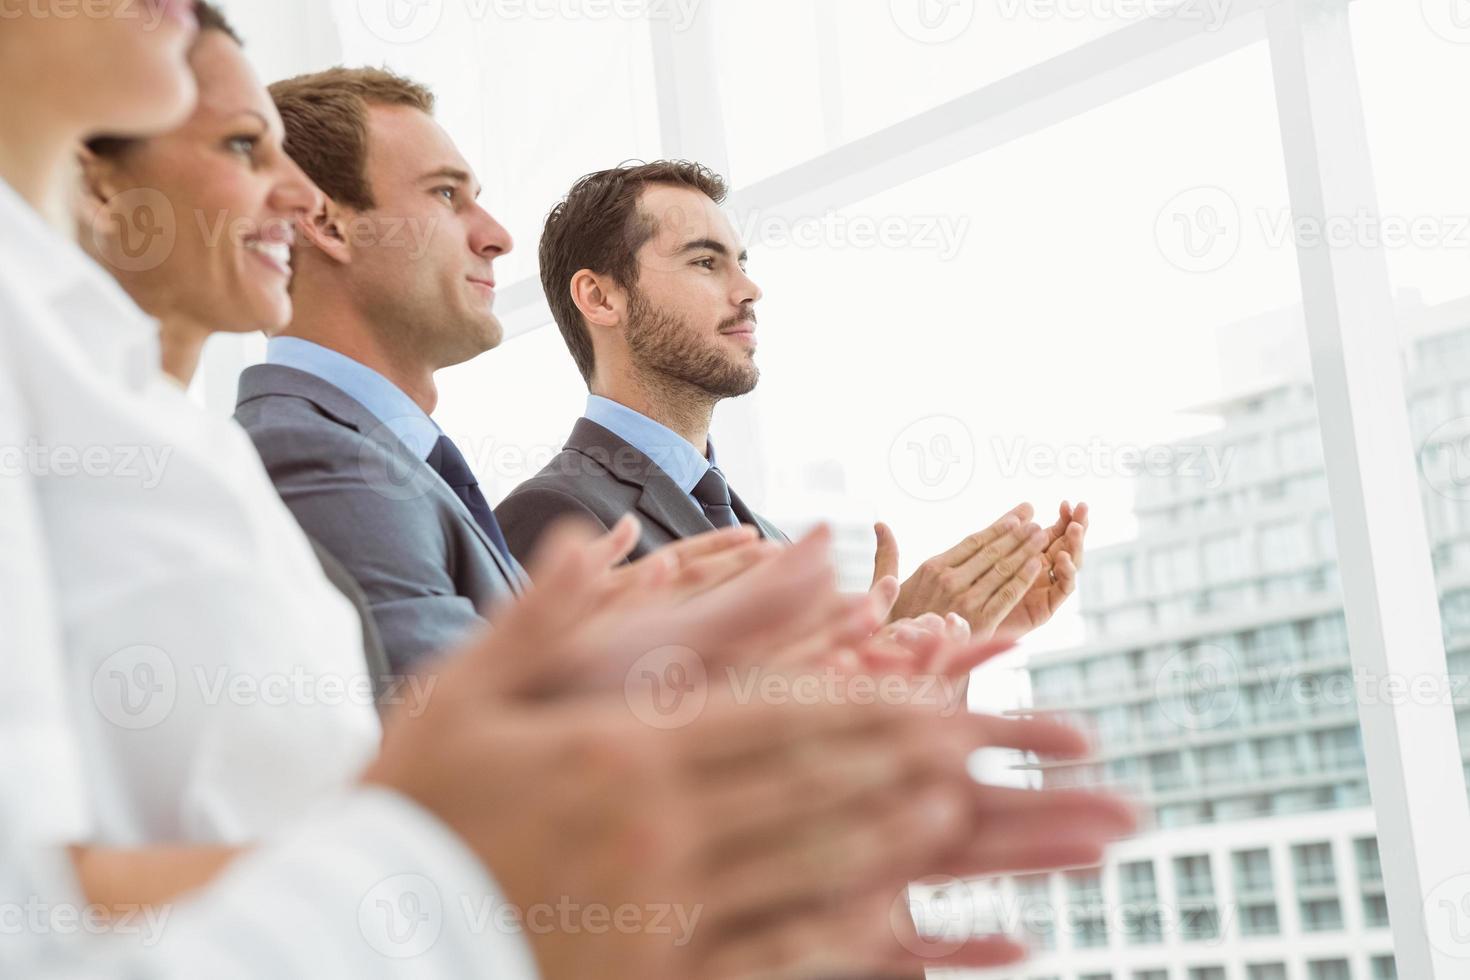 mensen uit het bedrijfsleven klappen handen in kantoor foto